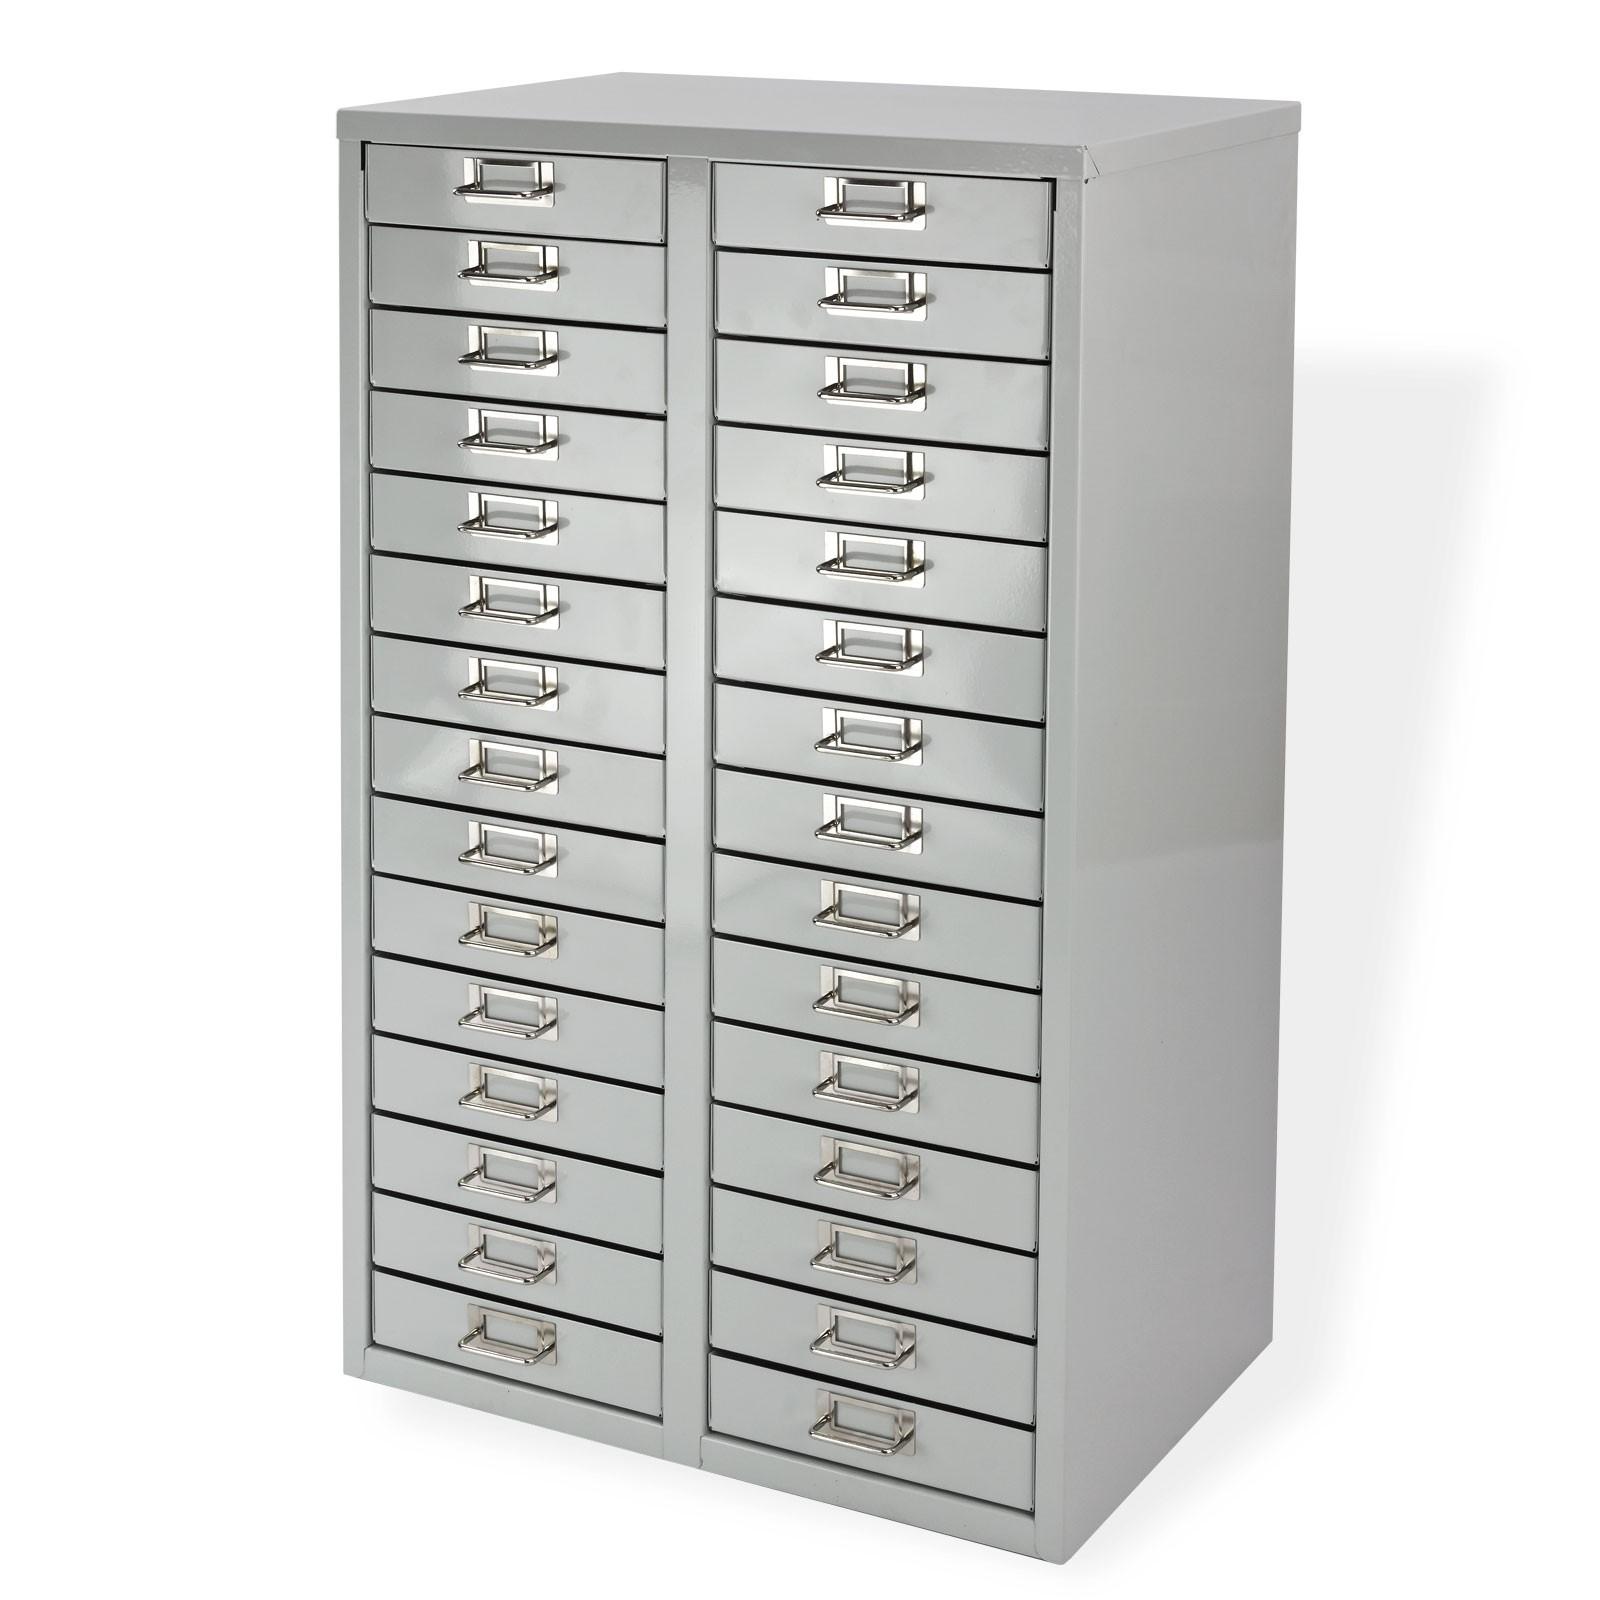 ADB Schubladenschrank/Schubladencontainer H860xB530xT400 mm RAL 7035 ...